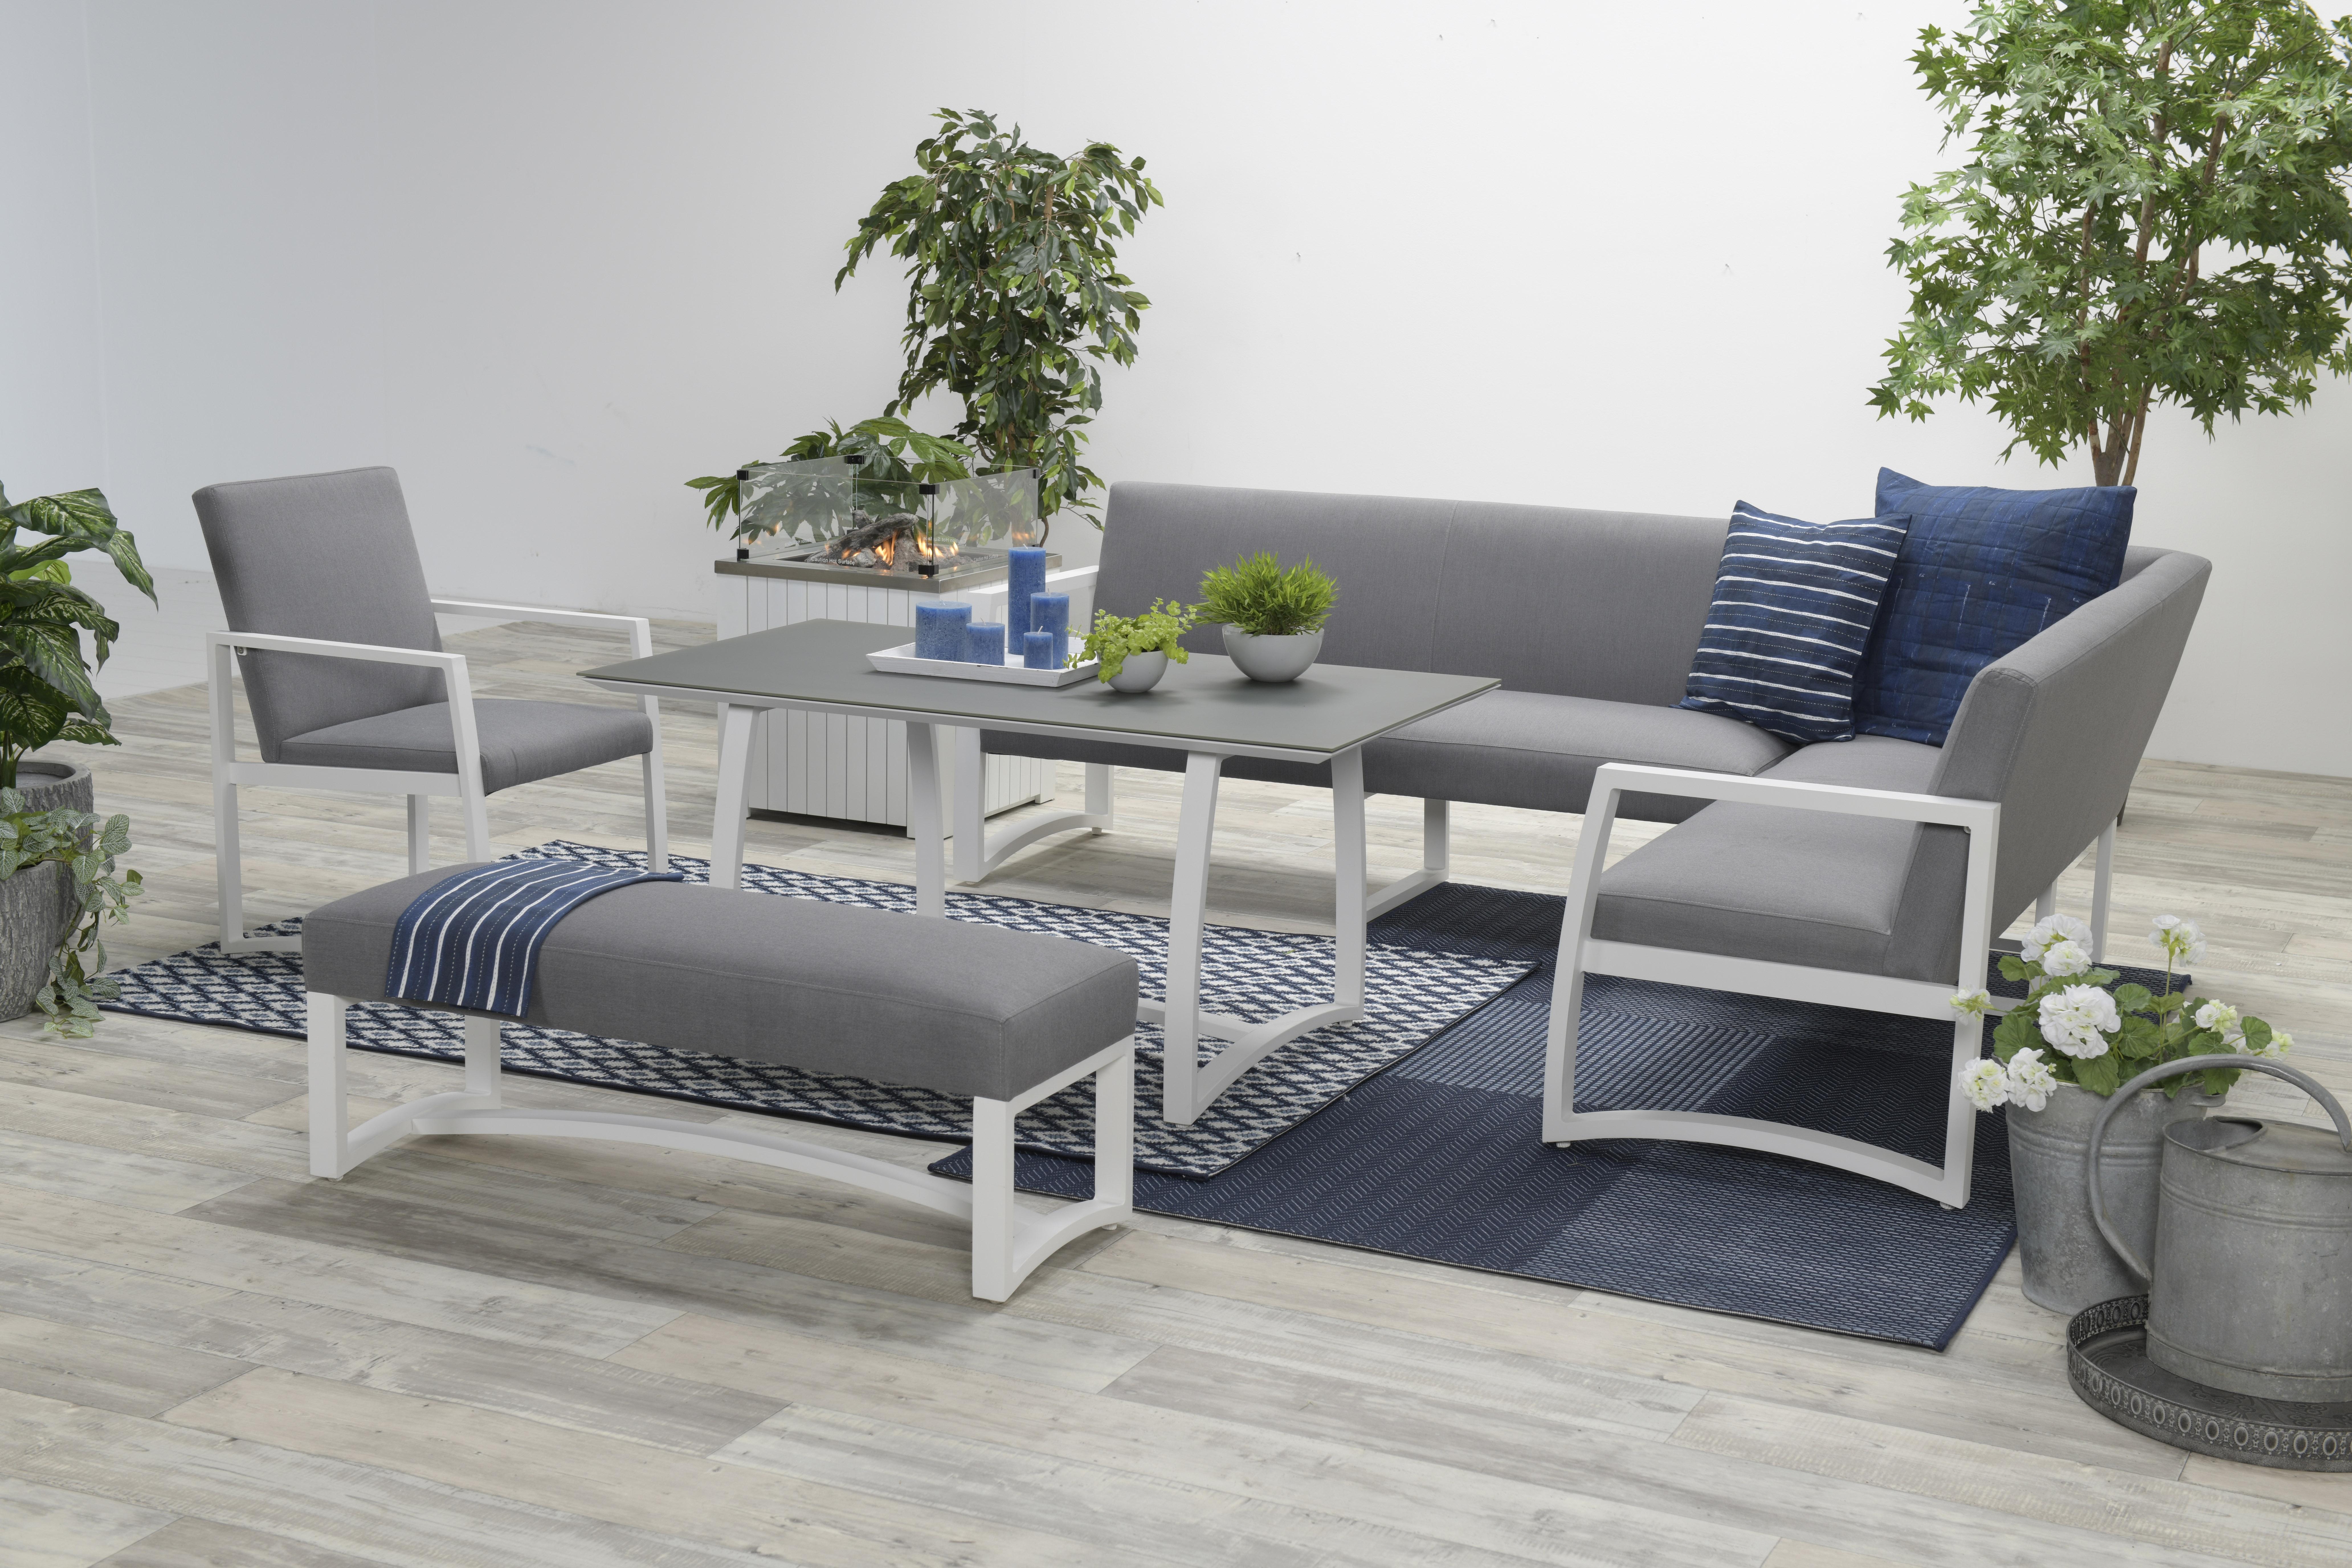 aureum allweather alu ecklounge gartenm bel sitzgruppe. Black Bedroom Furniture Sets. Home Design Ideas